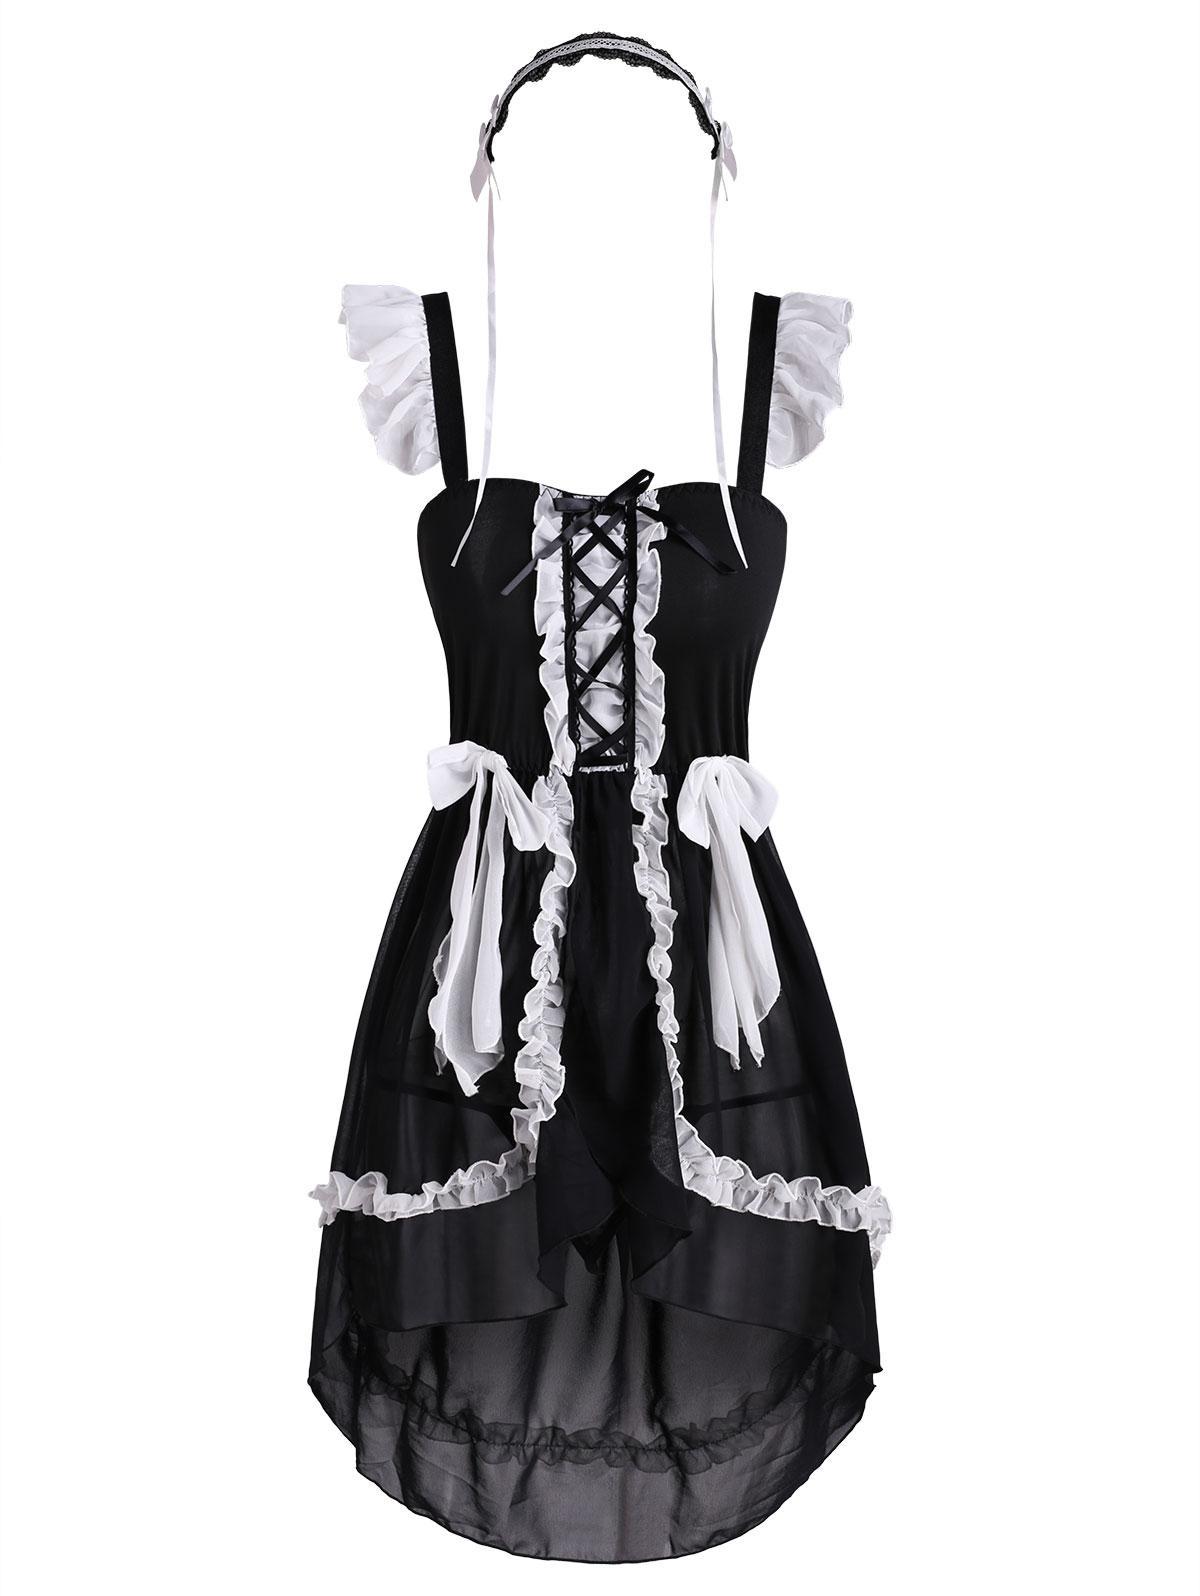 Ruffled Flyaway Bowknot Cosplay Maid Costume